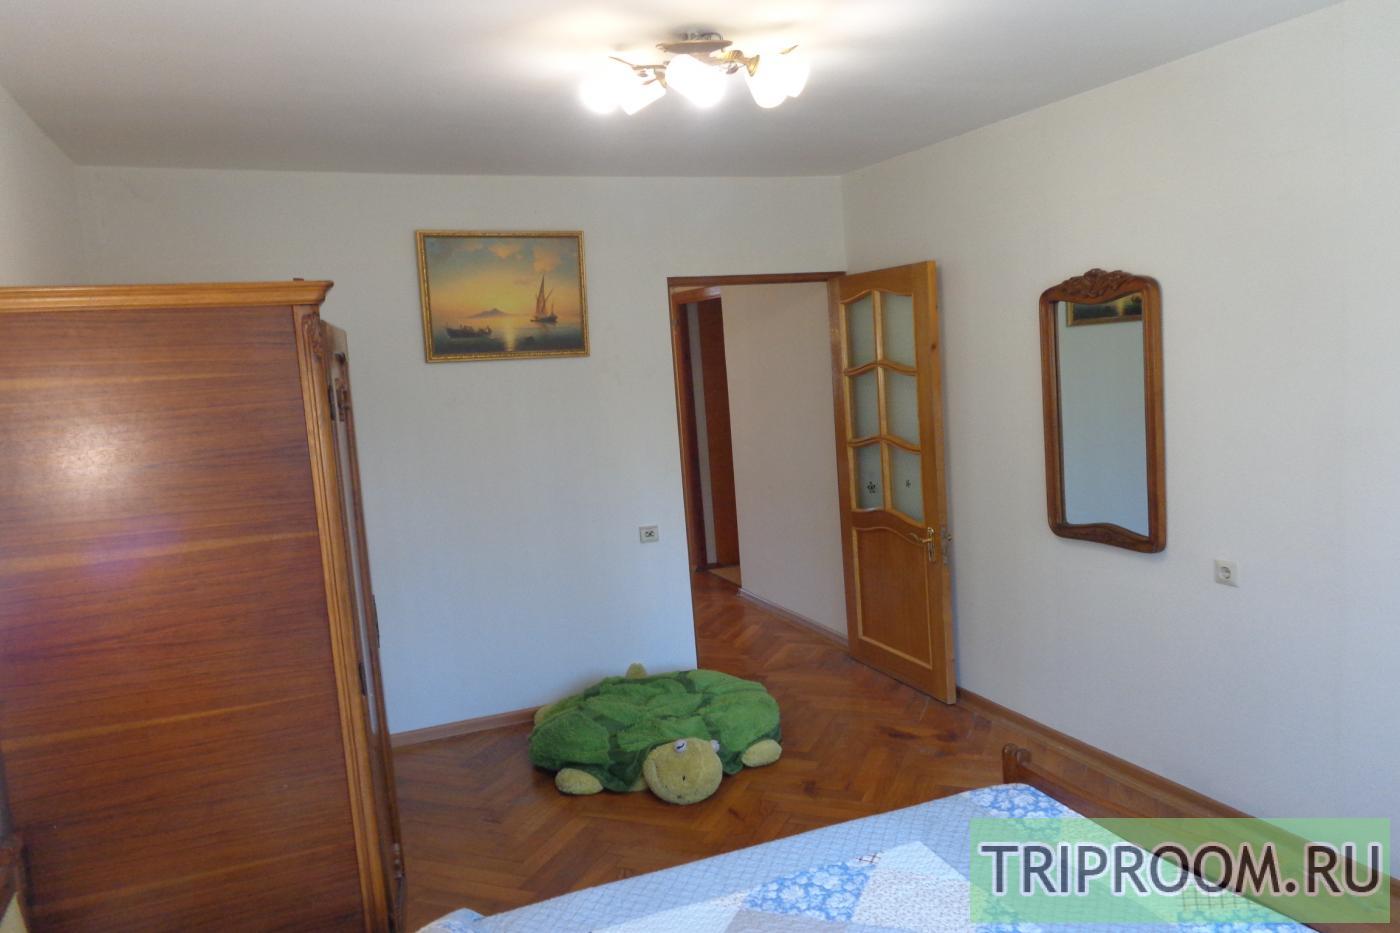 2-комнатная квартира посуточно (вариант № 6980), ул. Воровского улица, фото № 3